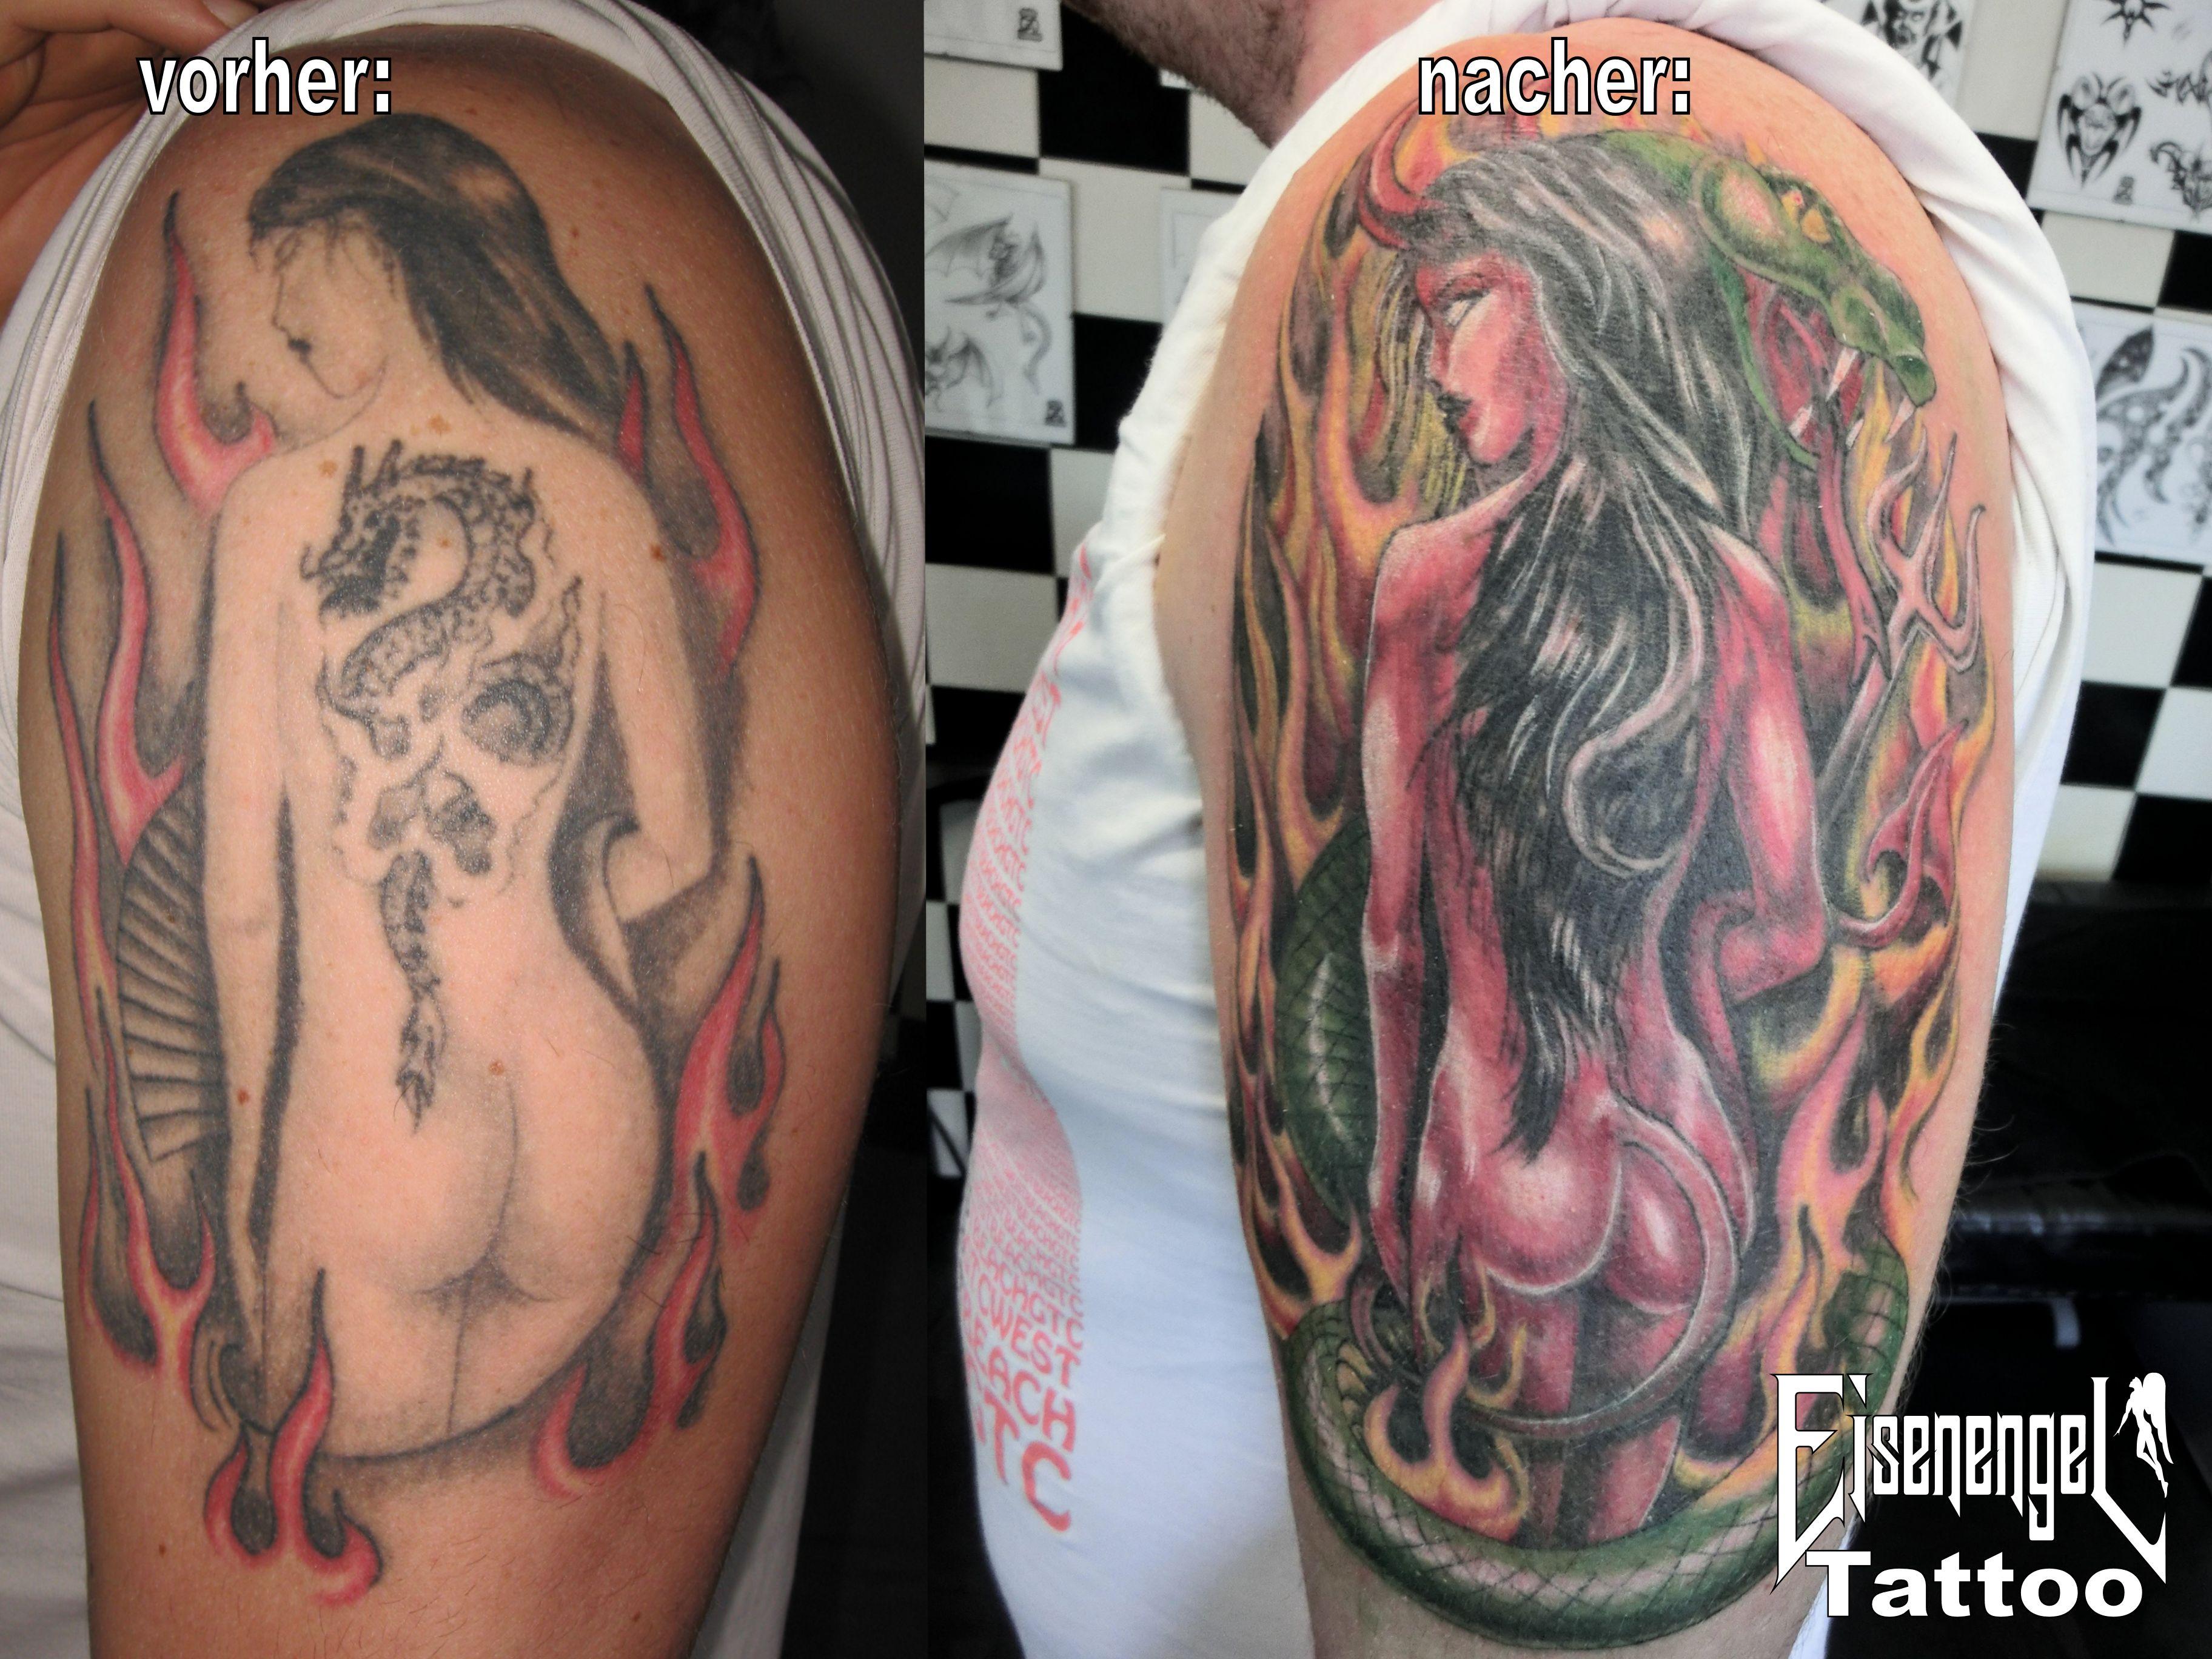 tattoo_coverup_devil_girl.jpg